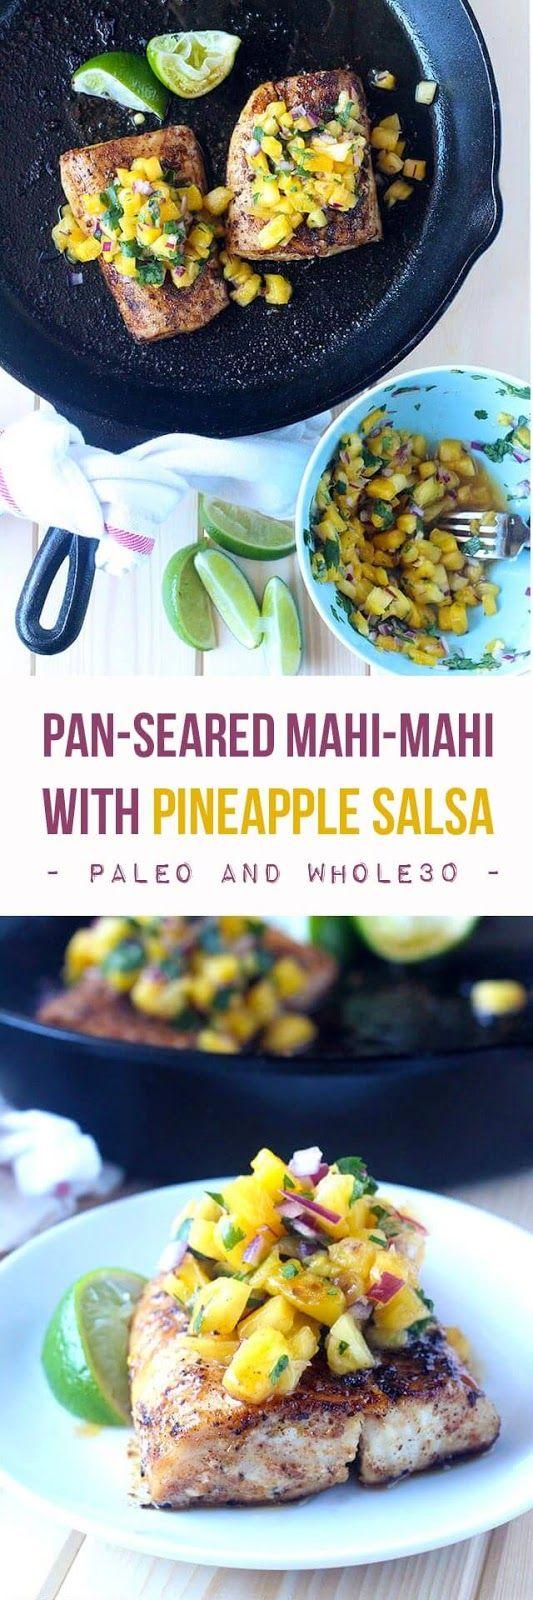 Healthy Fish Recipe: Pan-Seared Mahi-Mahi with Pineapple Salsa (Quick & Easy)